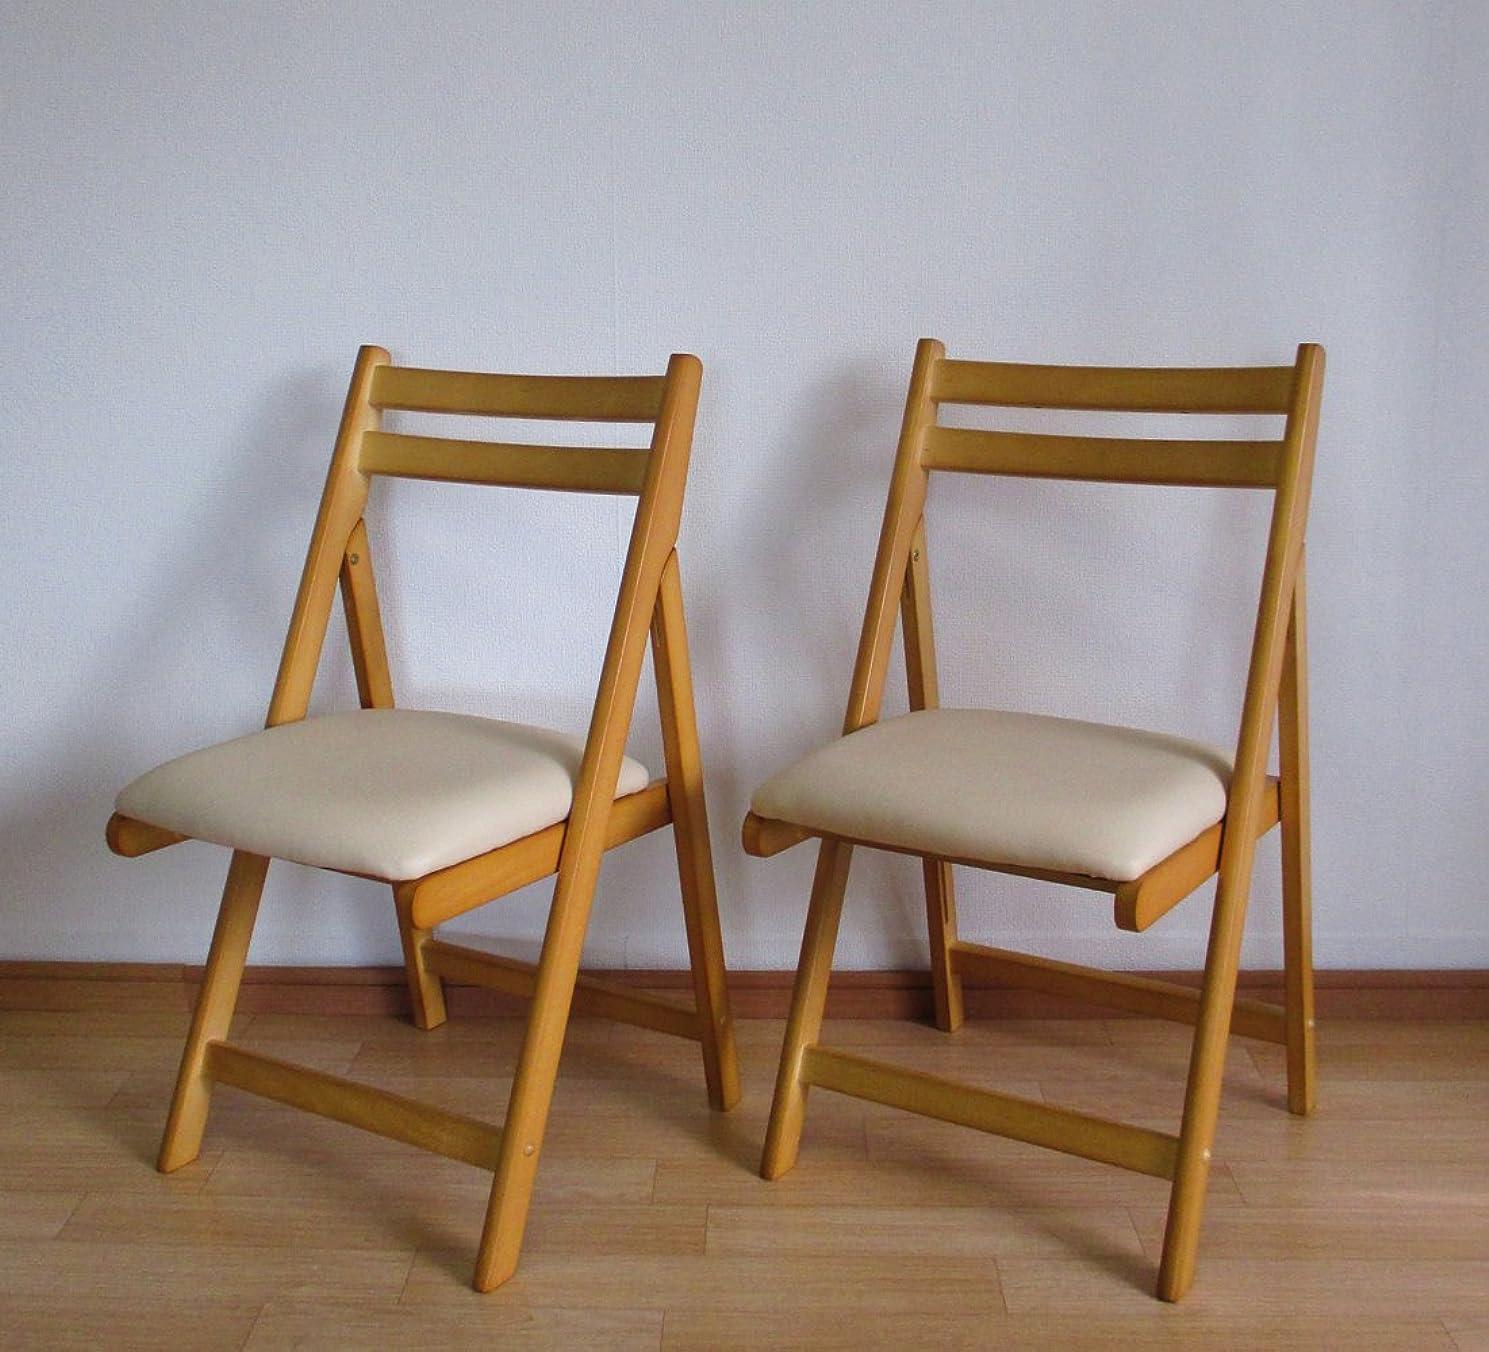 前奏曲暗黙誕生日2脚セット 折りたたみチェア 木製椅子 ダイニングチェアー ナチュラル hd-6220 na-2